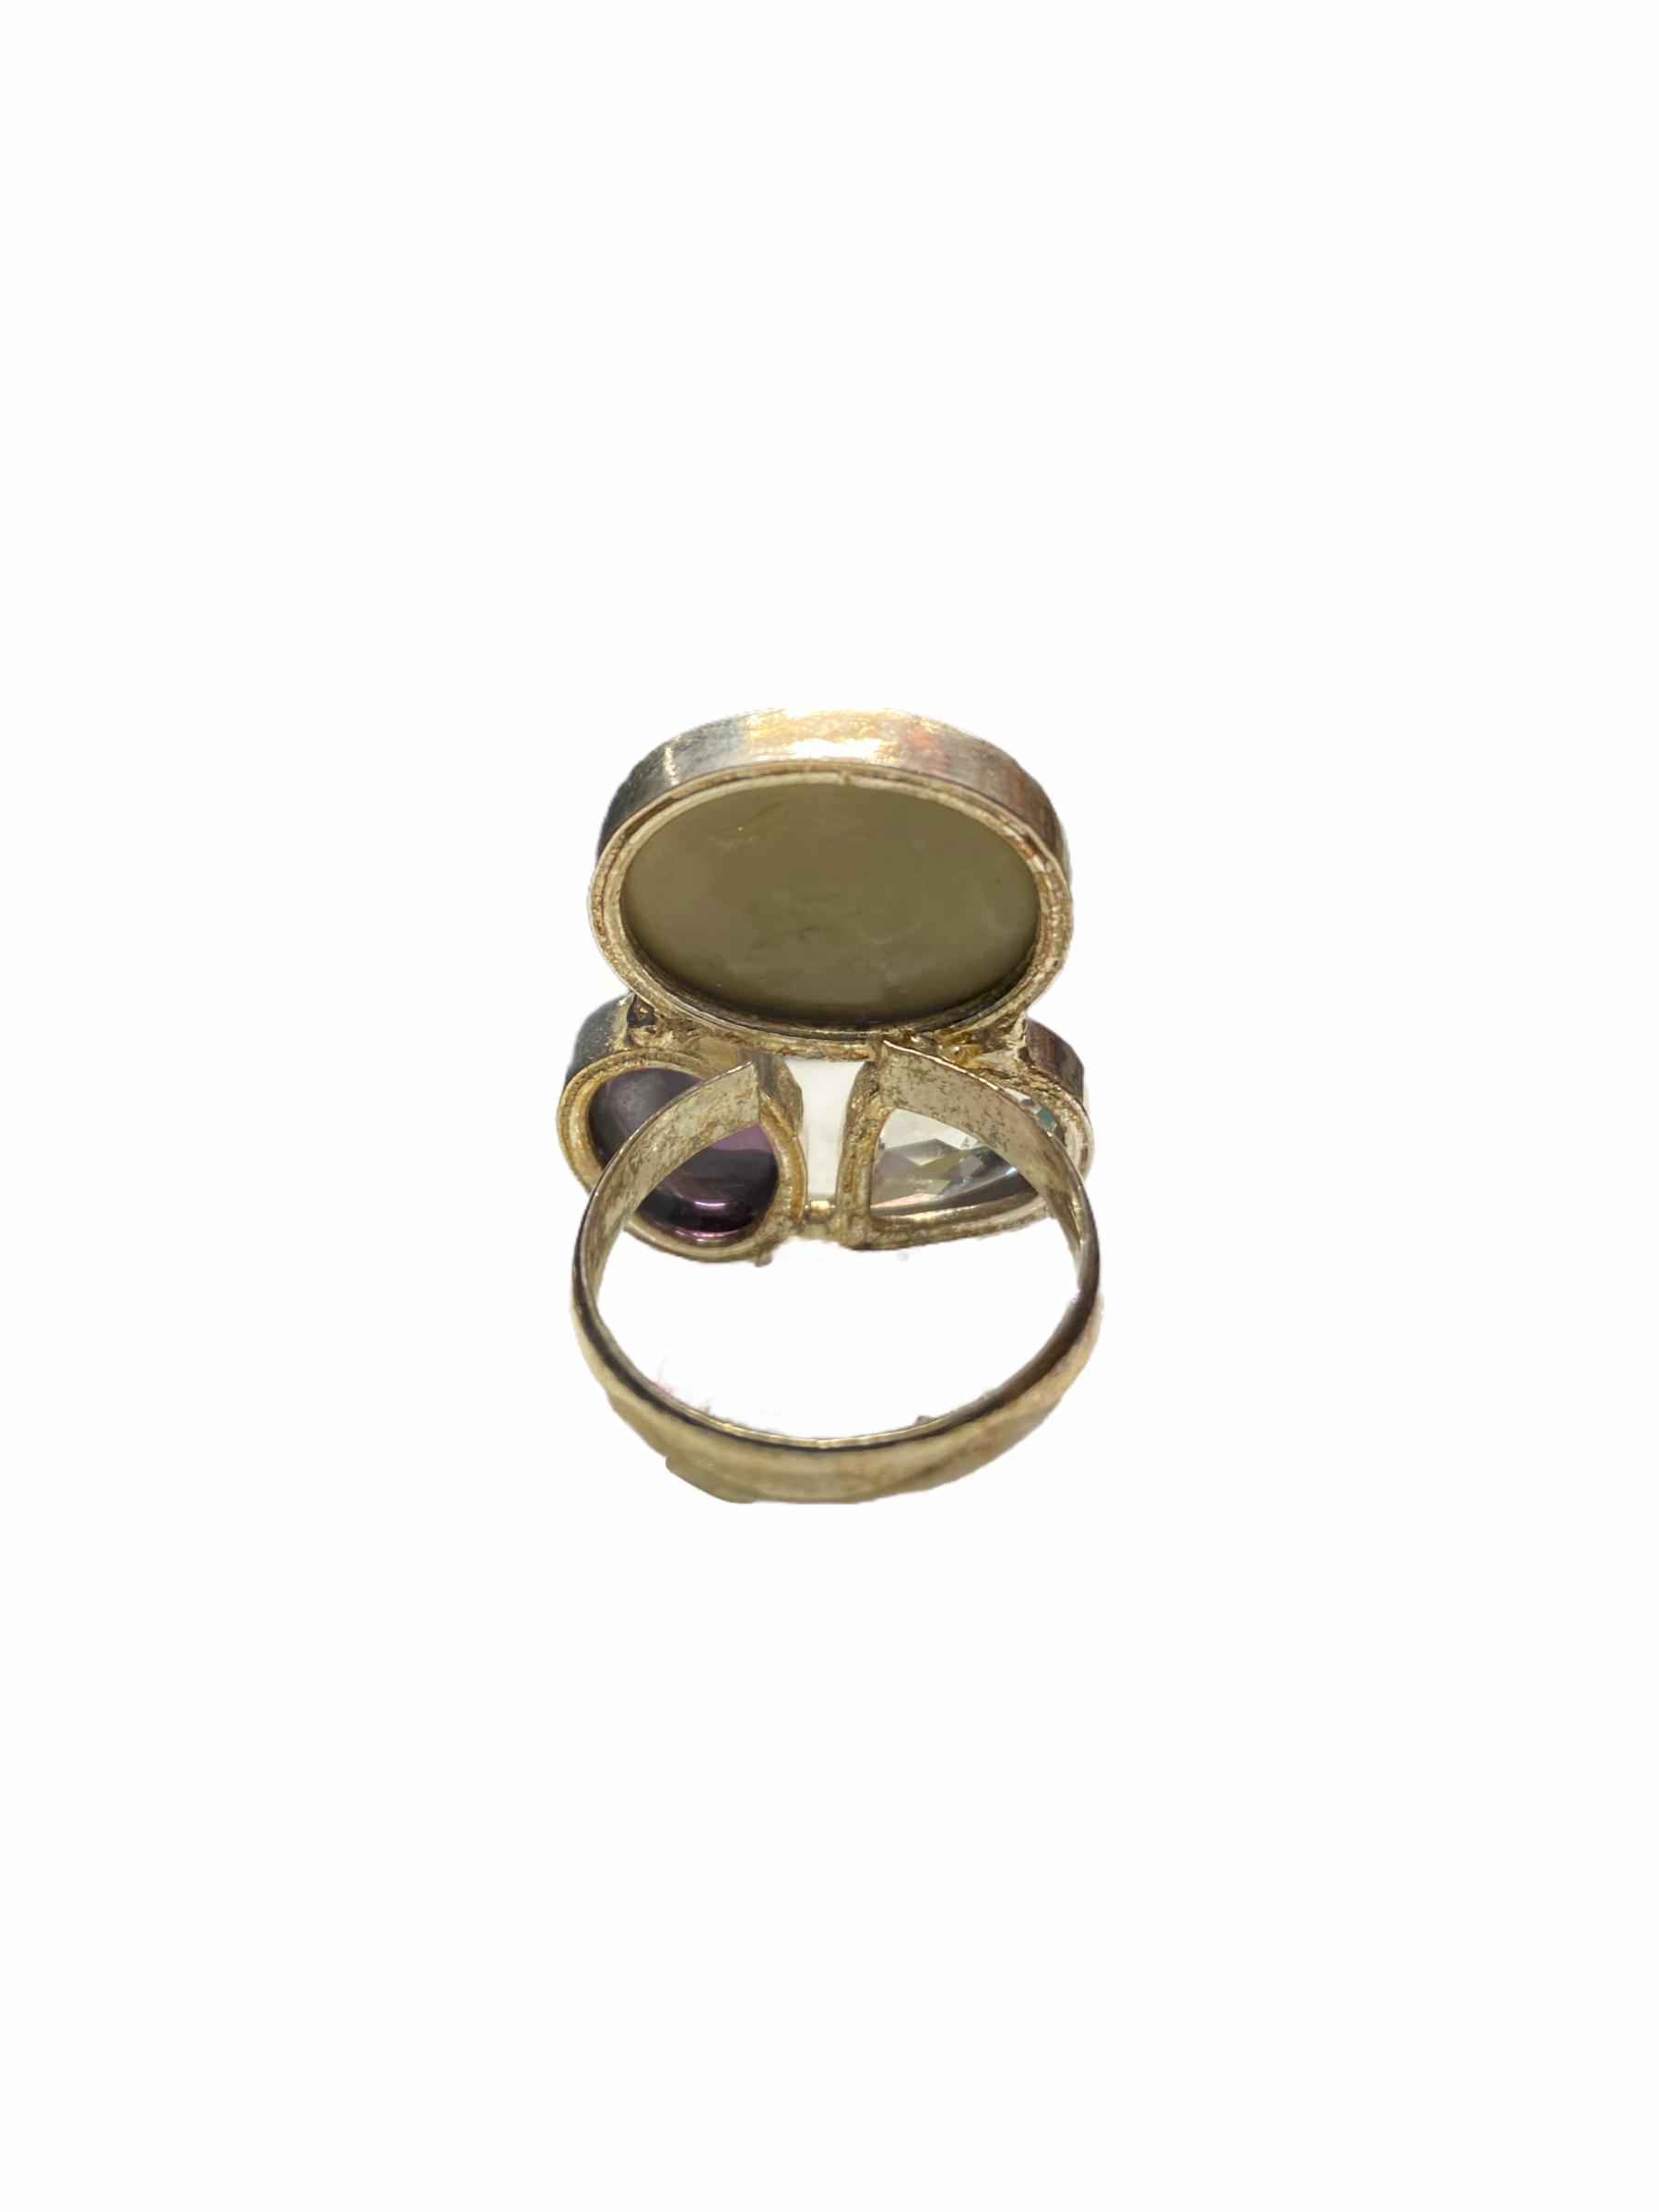 Δαχτυλίδι Χειροποίητο Με Κρύσταλλο-Όνυχα-Ίασπι Σε Χρώμα Ασημί